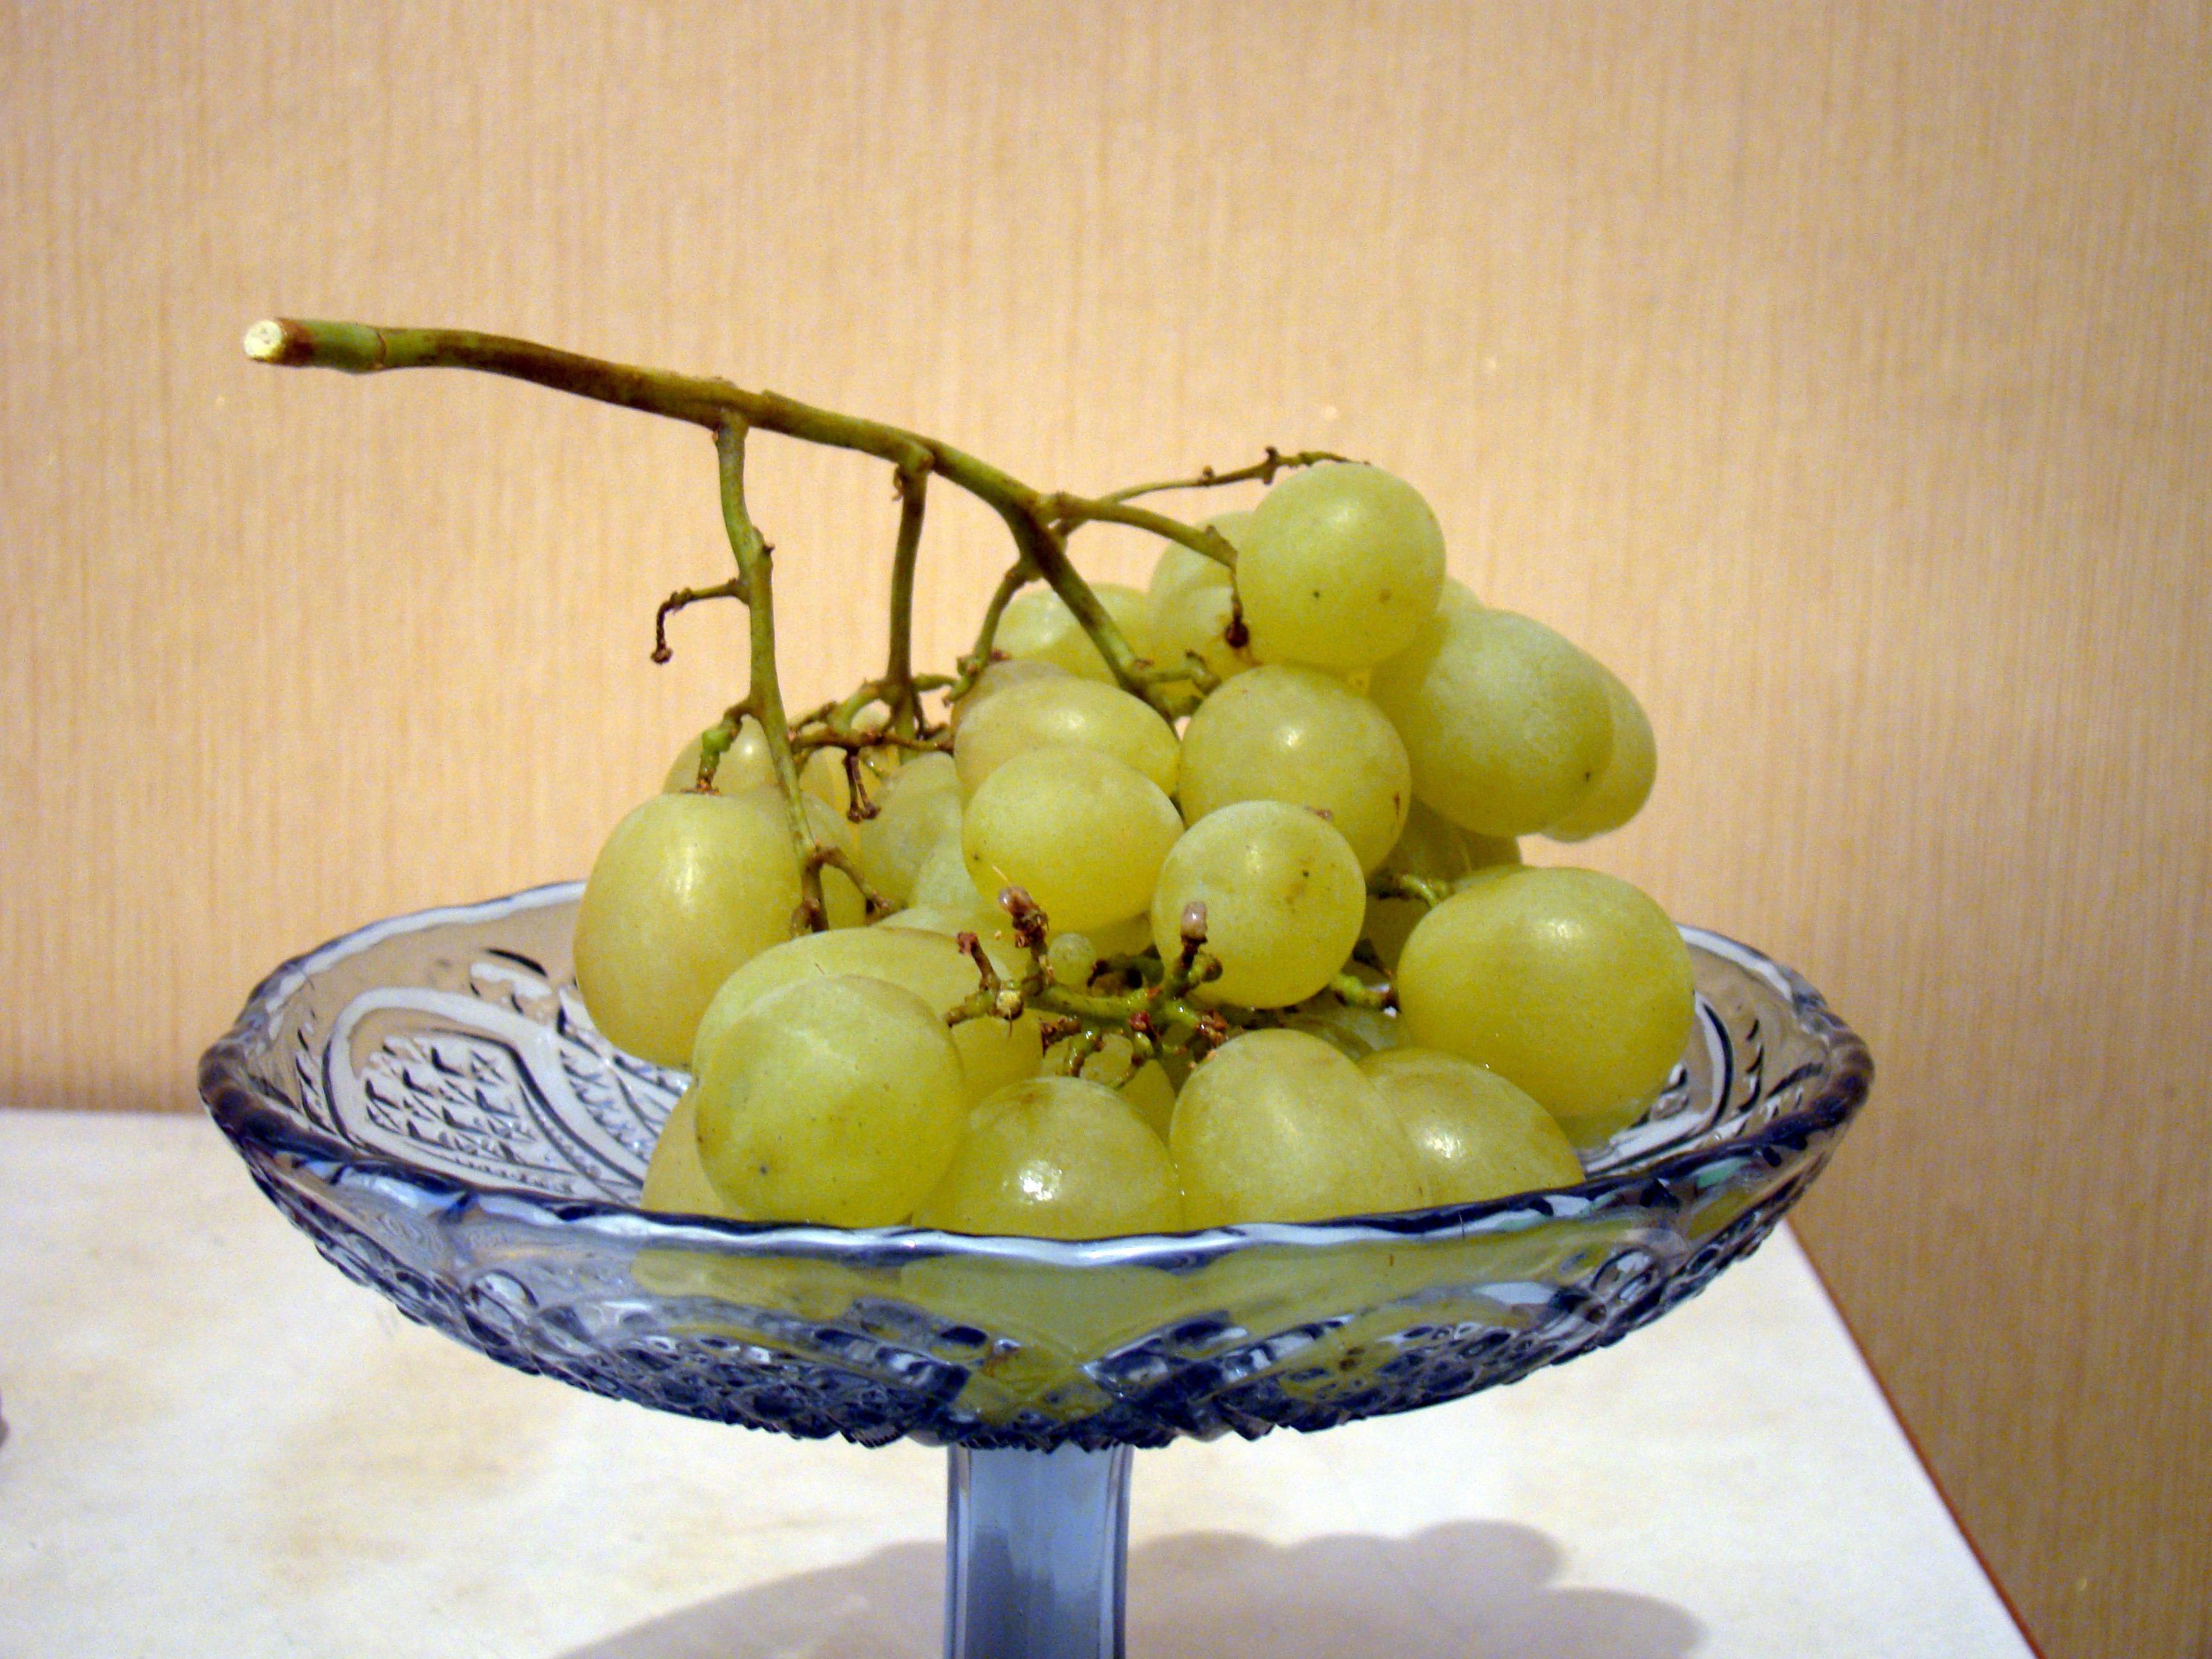 мало кто виноград на столе в вазе фото что думаете этой